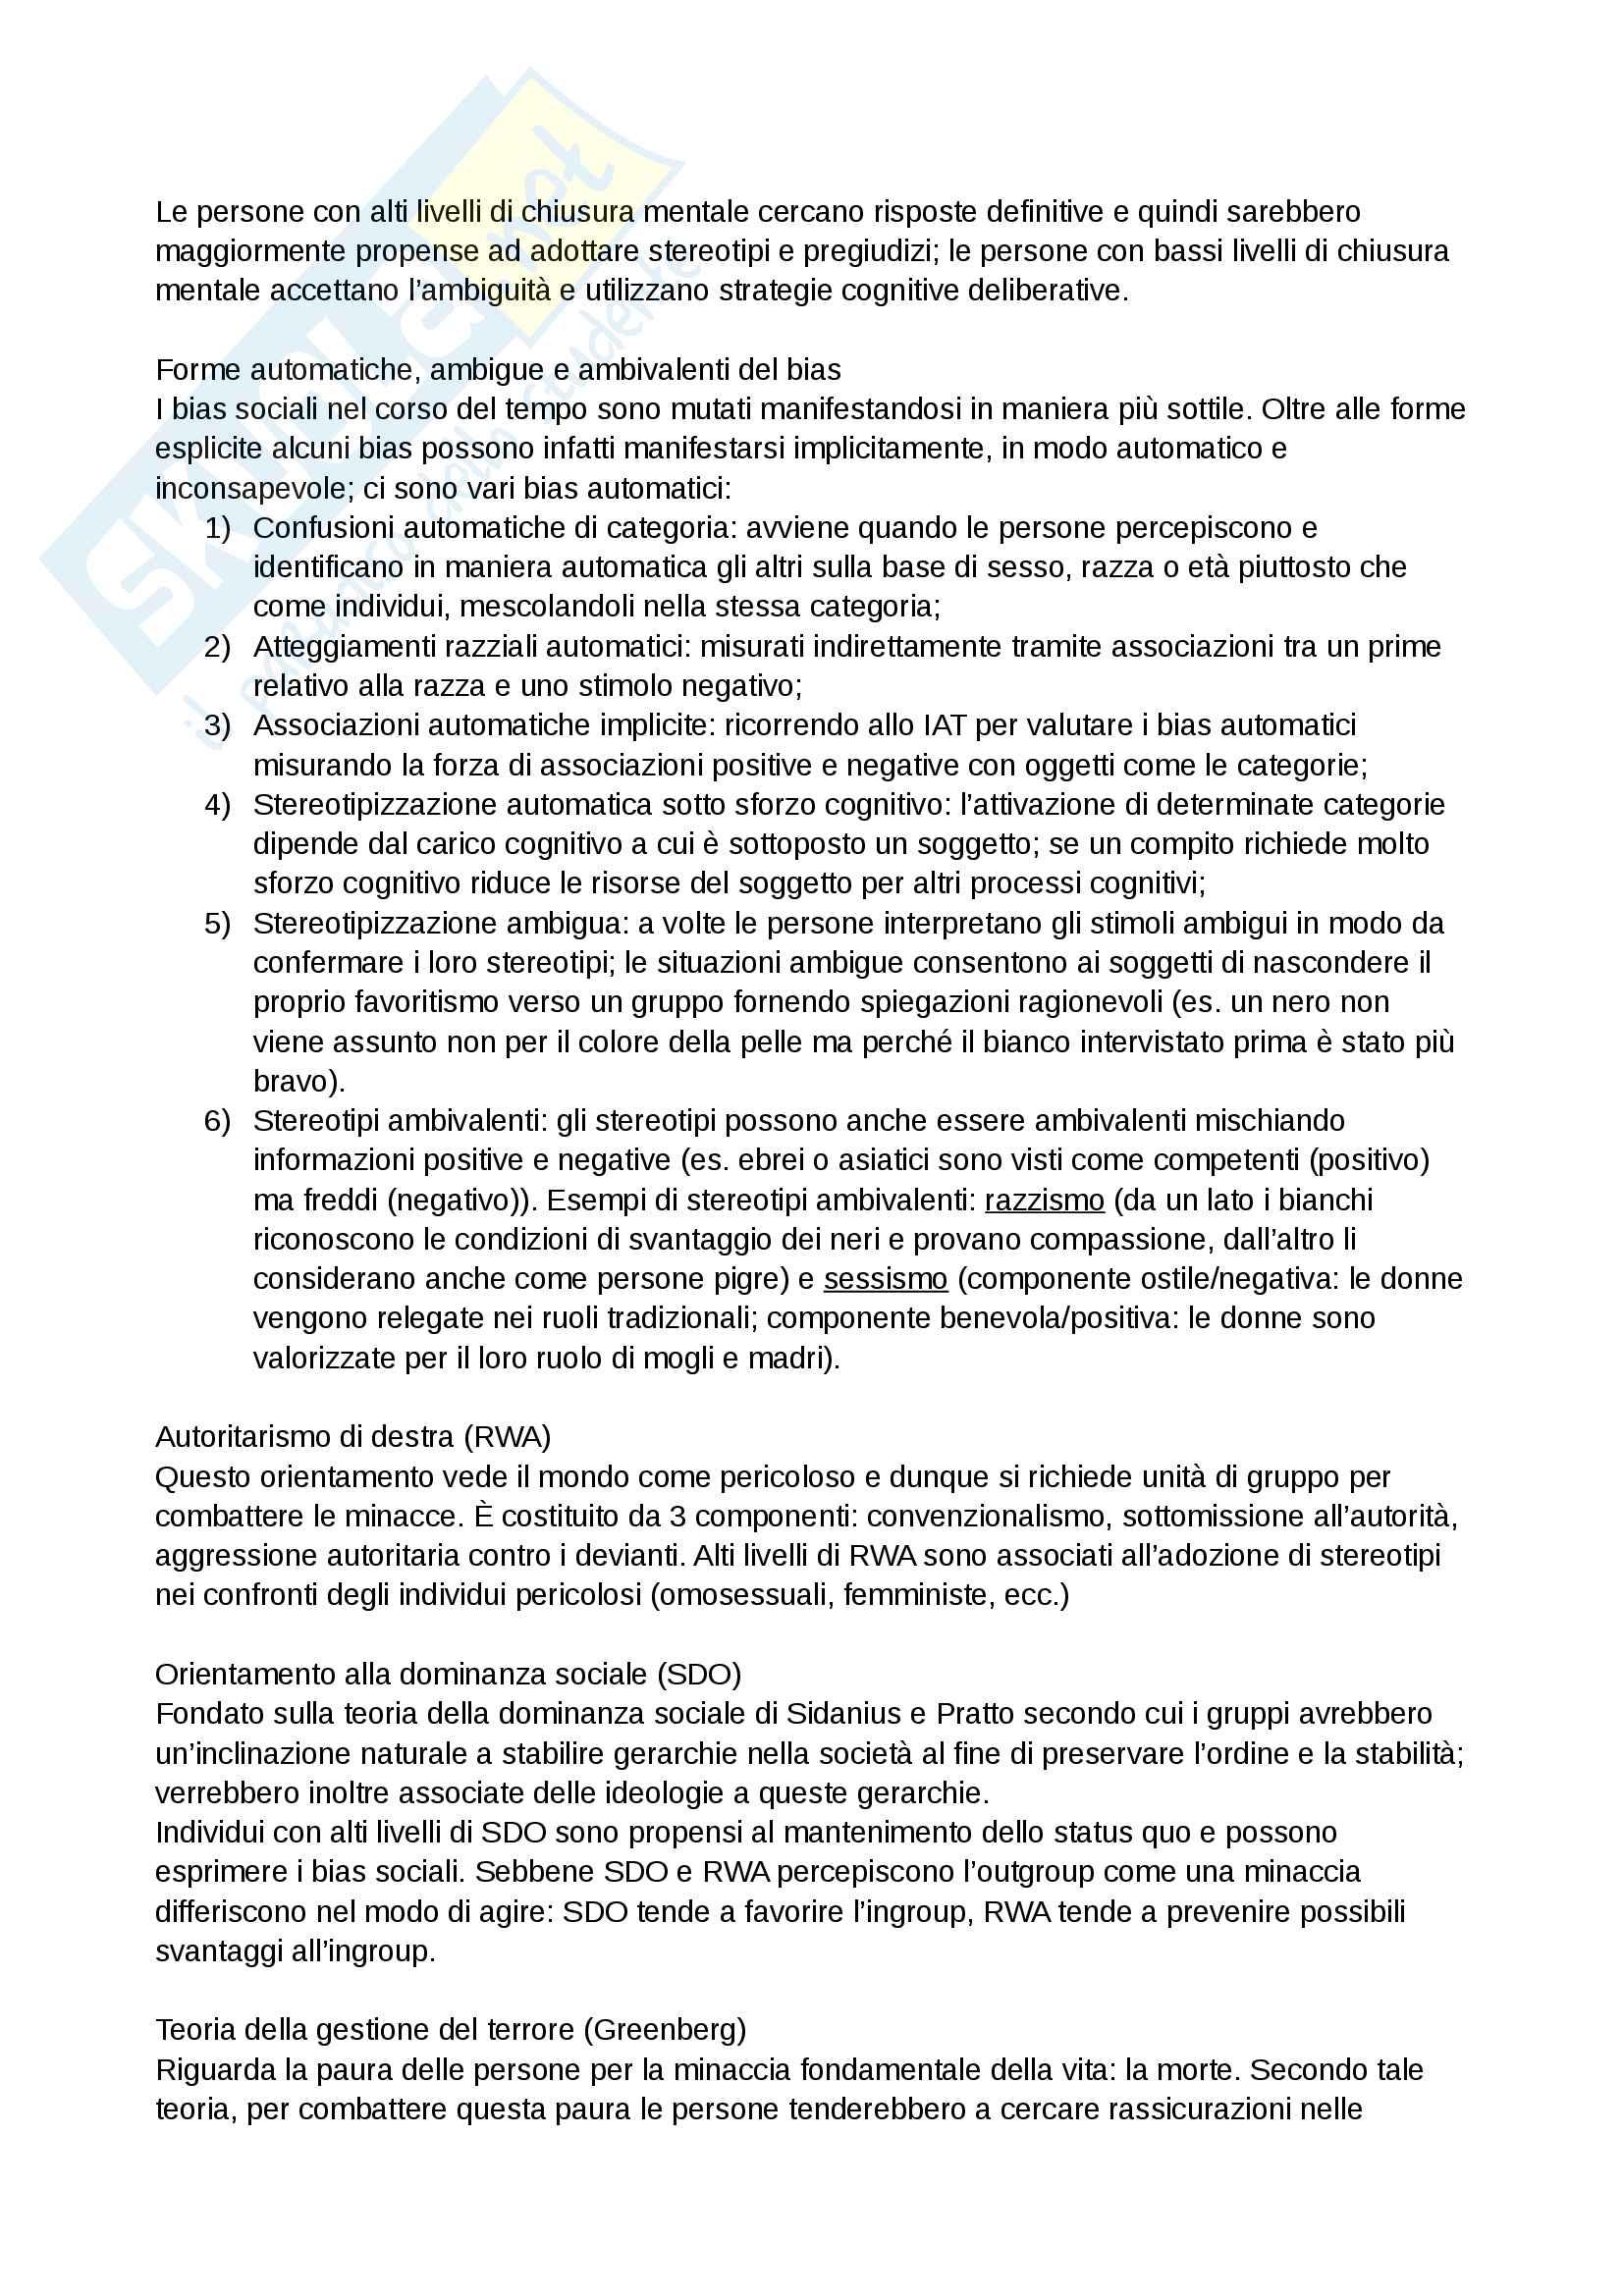 Riassunto esame e Appunti completi di Psicologia Sociale: corso avanzato per l'esame della Prof. Sacchi su Pregiudizio, Stereotipo, Discriminazione Bicocca Pag. 16